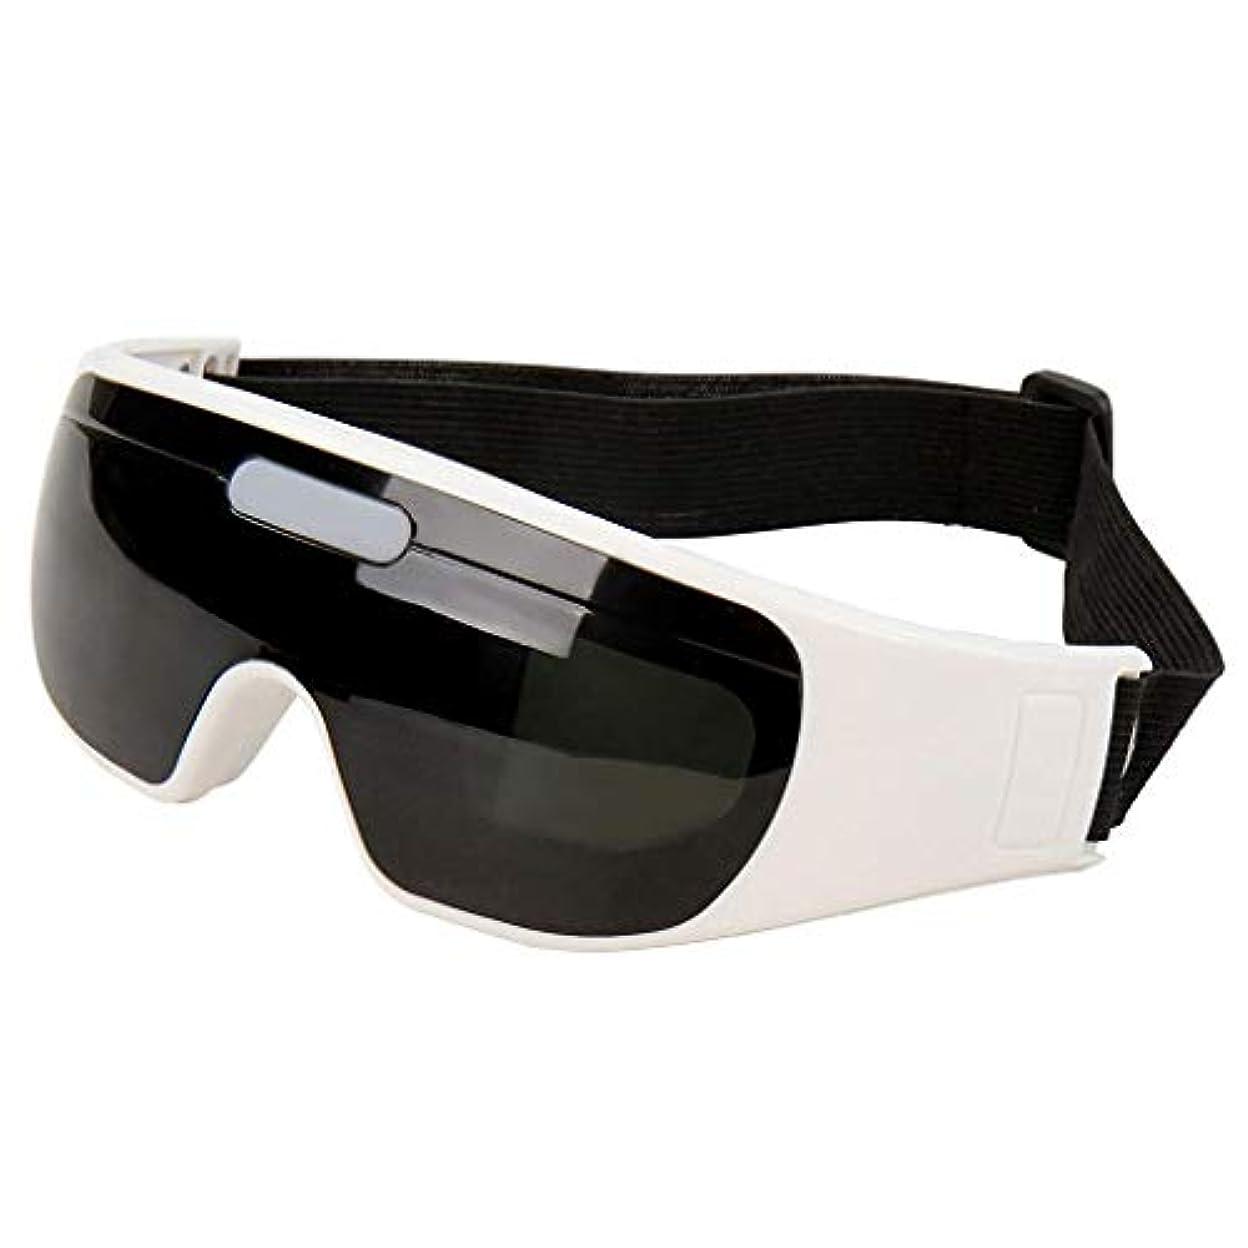 酸っぱい田舎許さないアイマッサージメガネ、24ソフトマッサージセンサーメガネ、磁気療法アイマッサージャー、9モード電動アイマッサージャー健康、リラクゼーション、鍼